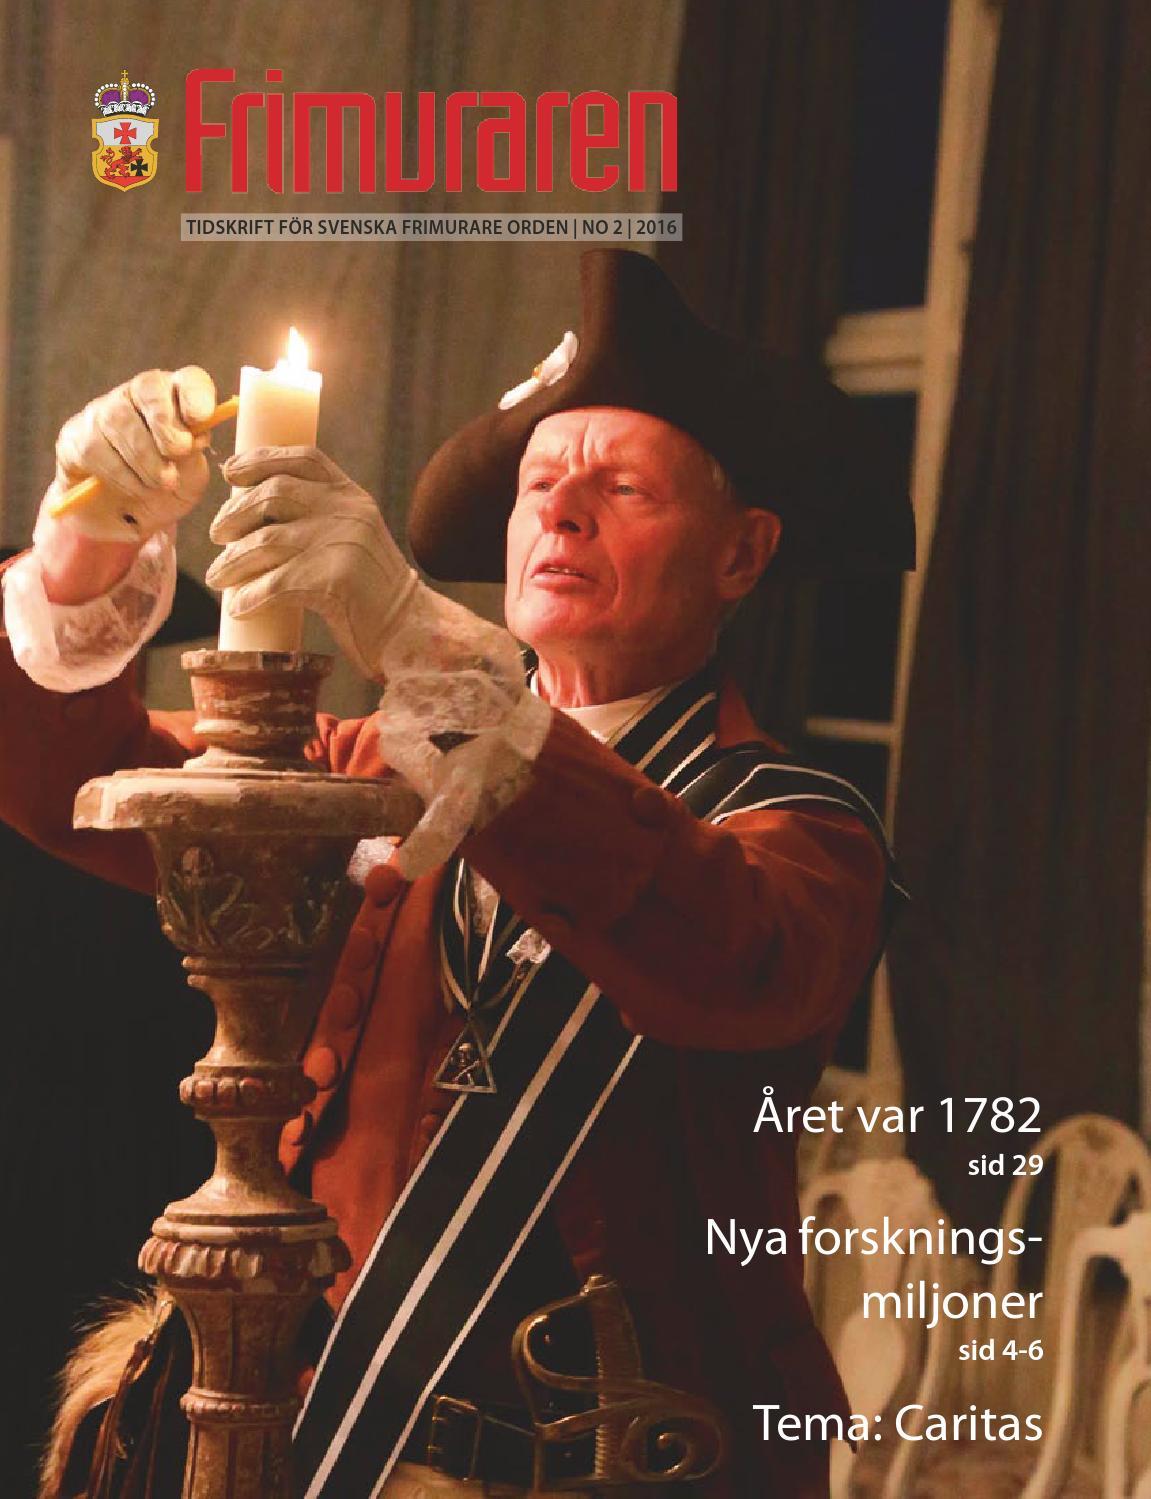 Frimuraren nummer 2 2012 by Svenska Frimurare Orden - issuu